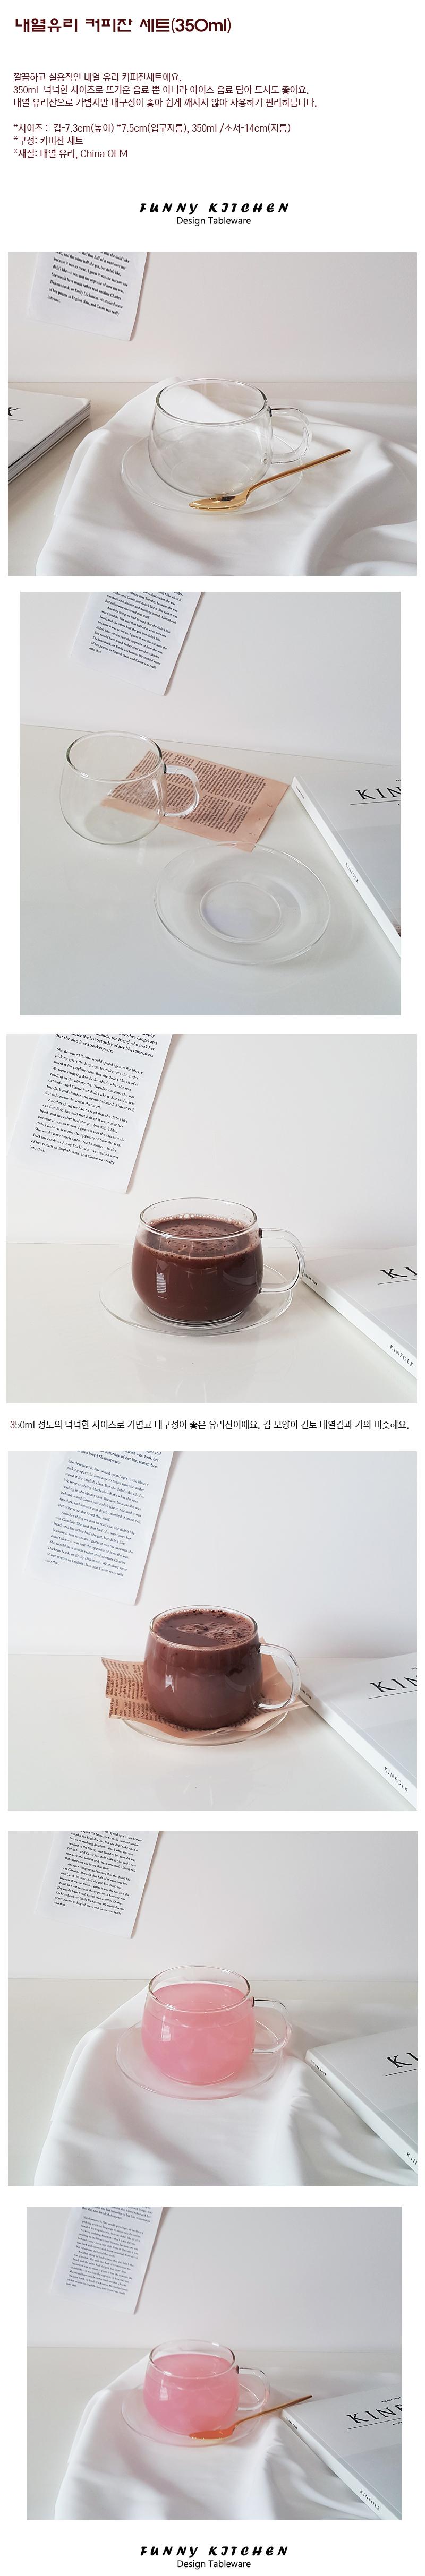 내열유리 커피잔세트 - 퍼니키친, 10,500원, 커피잔/찻잔, 커피잔/찻잔 세트